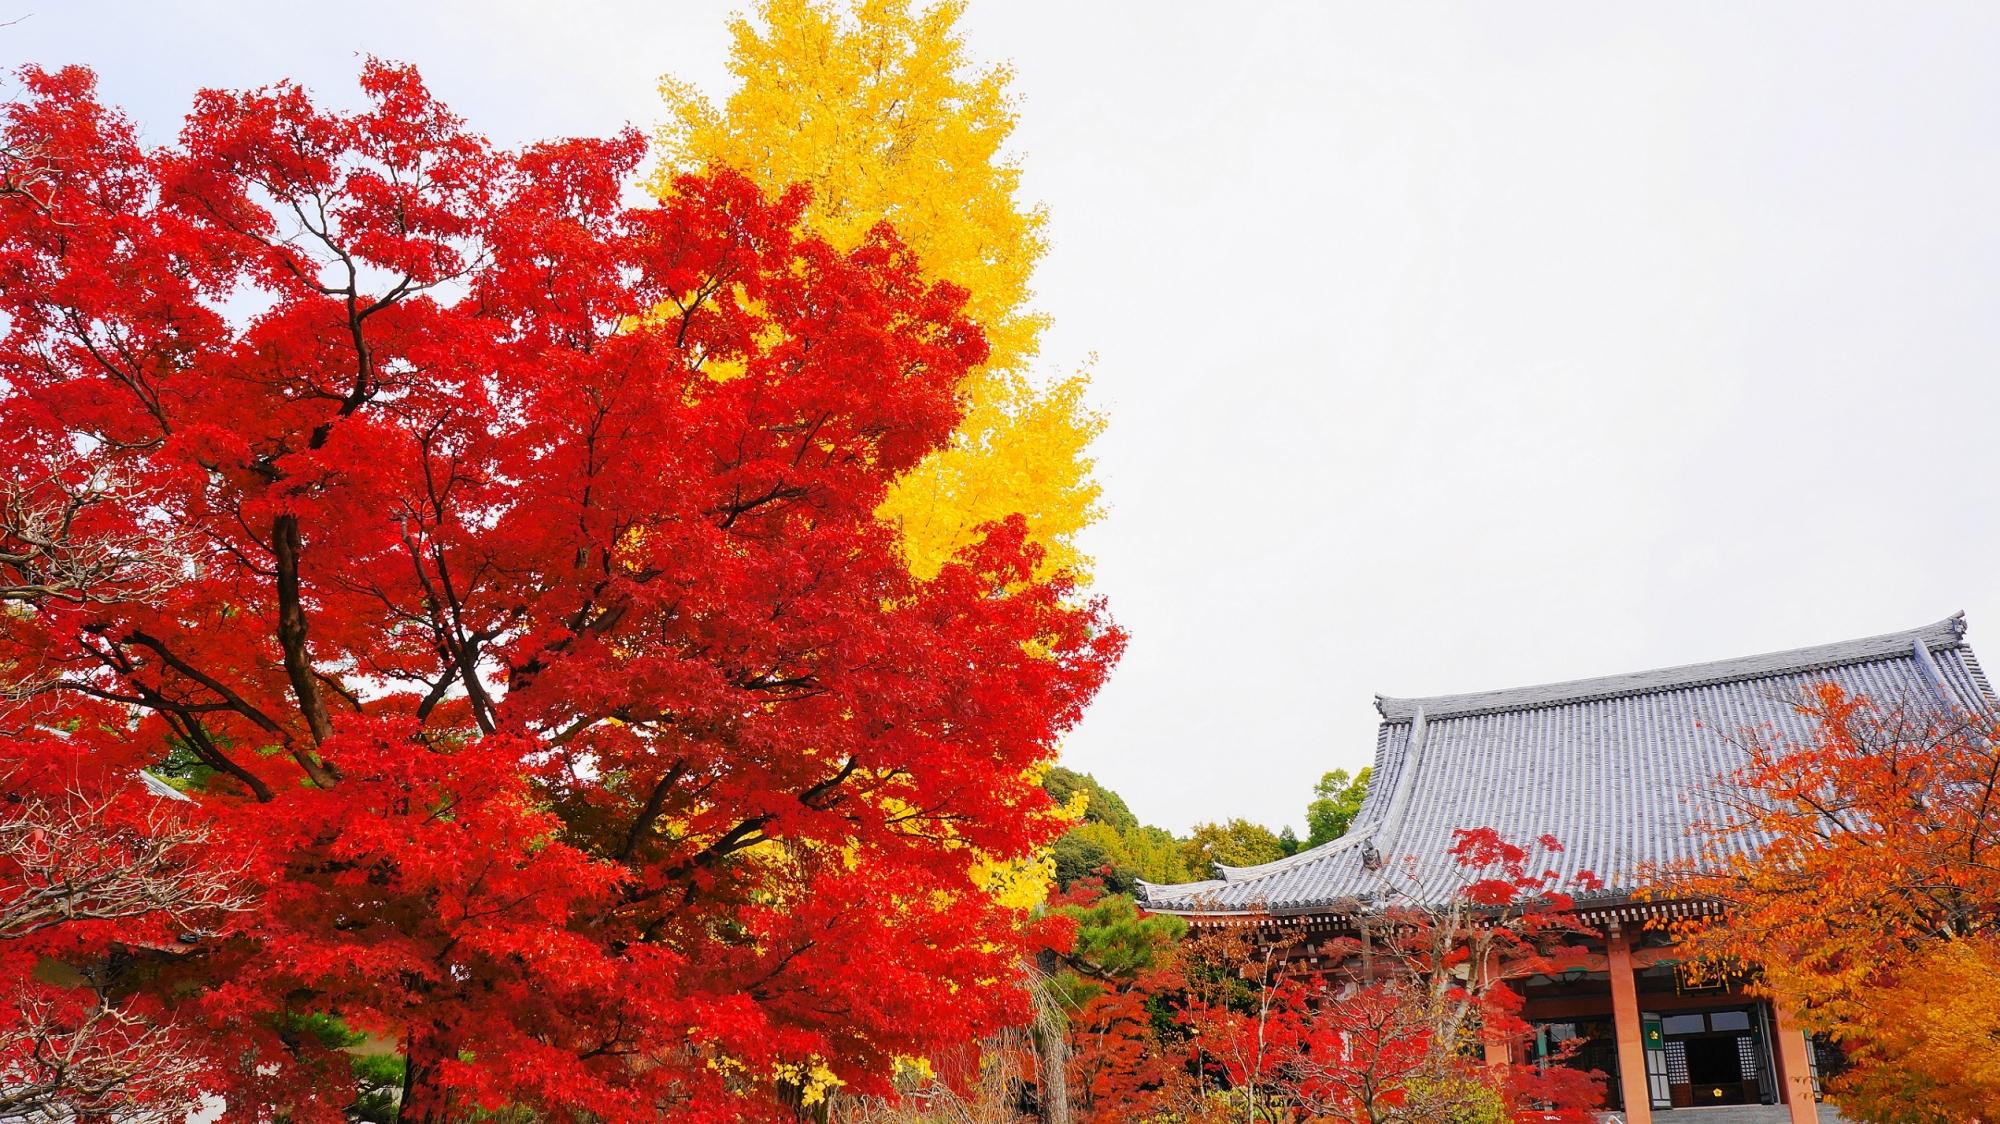 秋が賑わう智積院の雄大な金堂と紅葉や銀杏